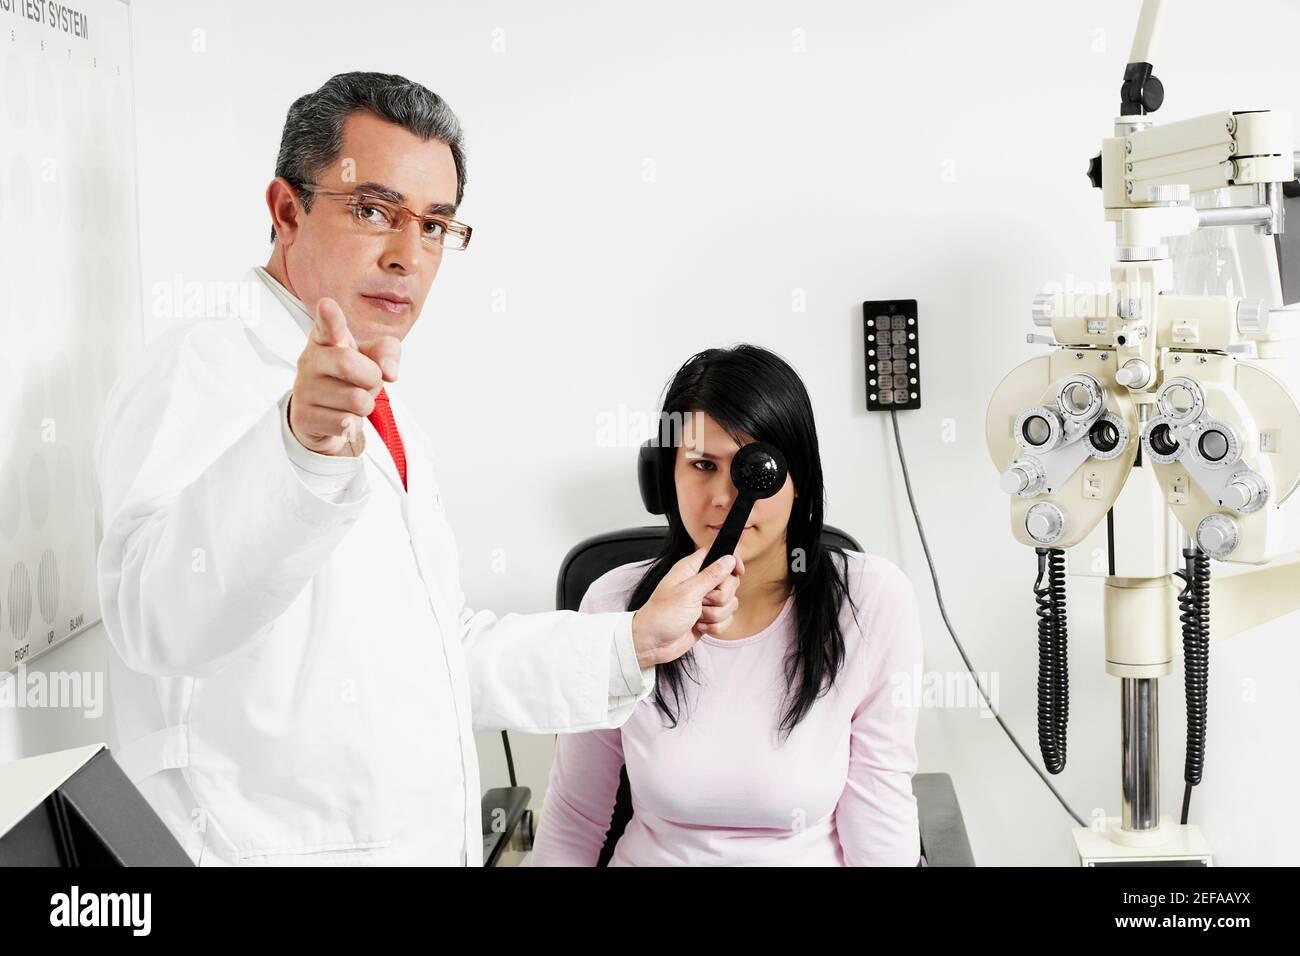 Retrato de un médico masculino que examina un ojo womanŽs joven Foto de stock